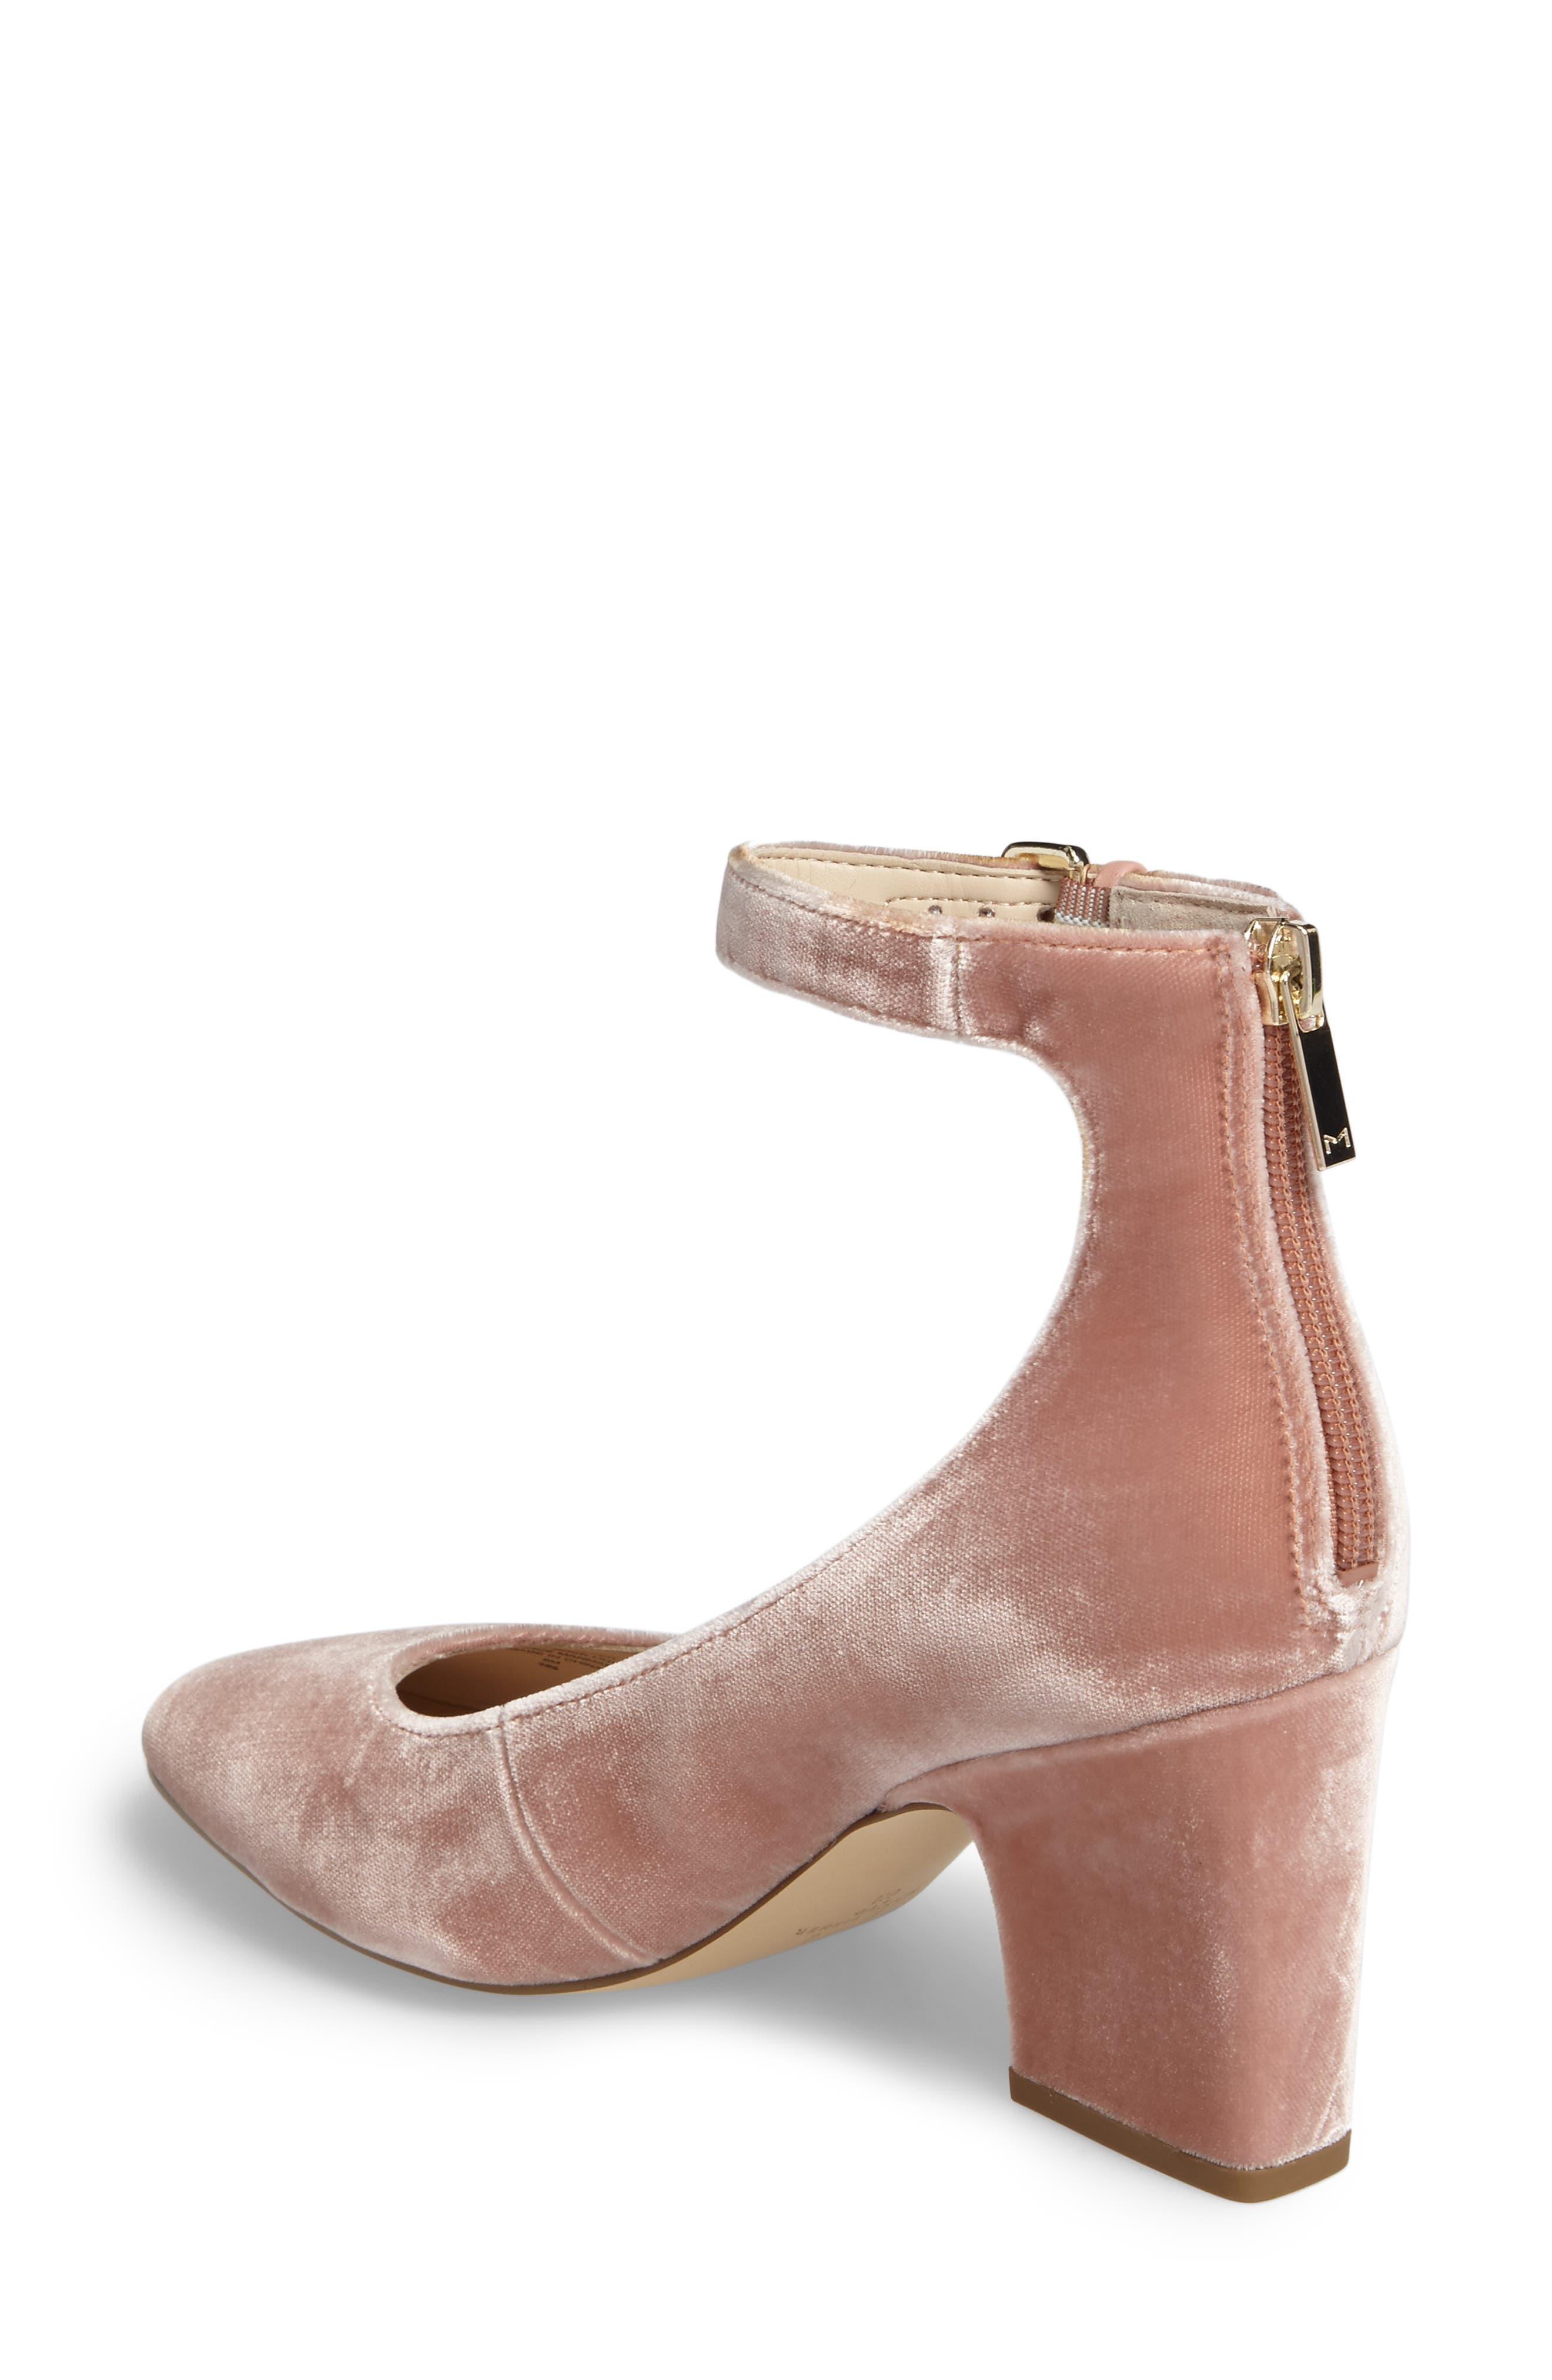 Anisy Ankle Strap Pump,                             Alternate thumbnail 2, color,                             Blush Velvet